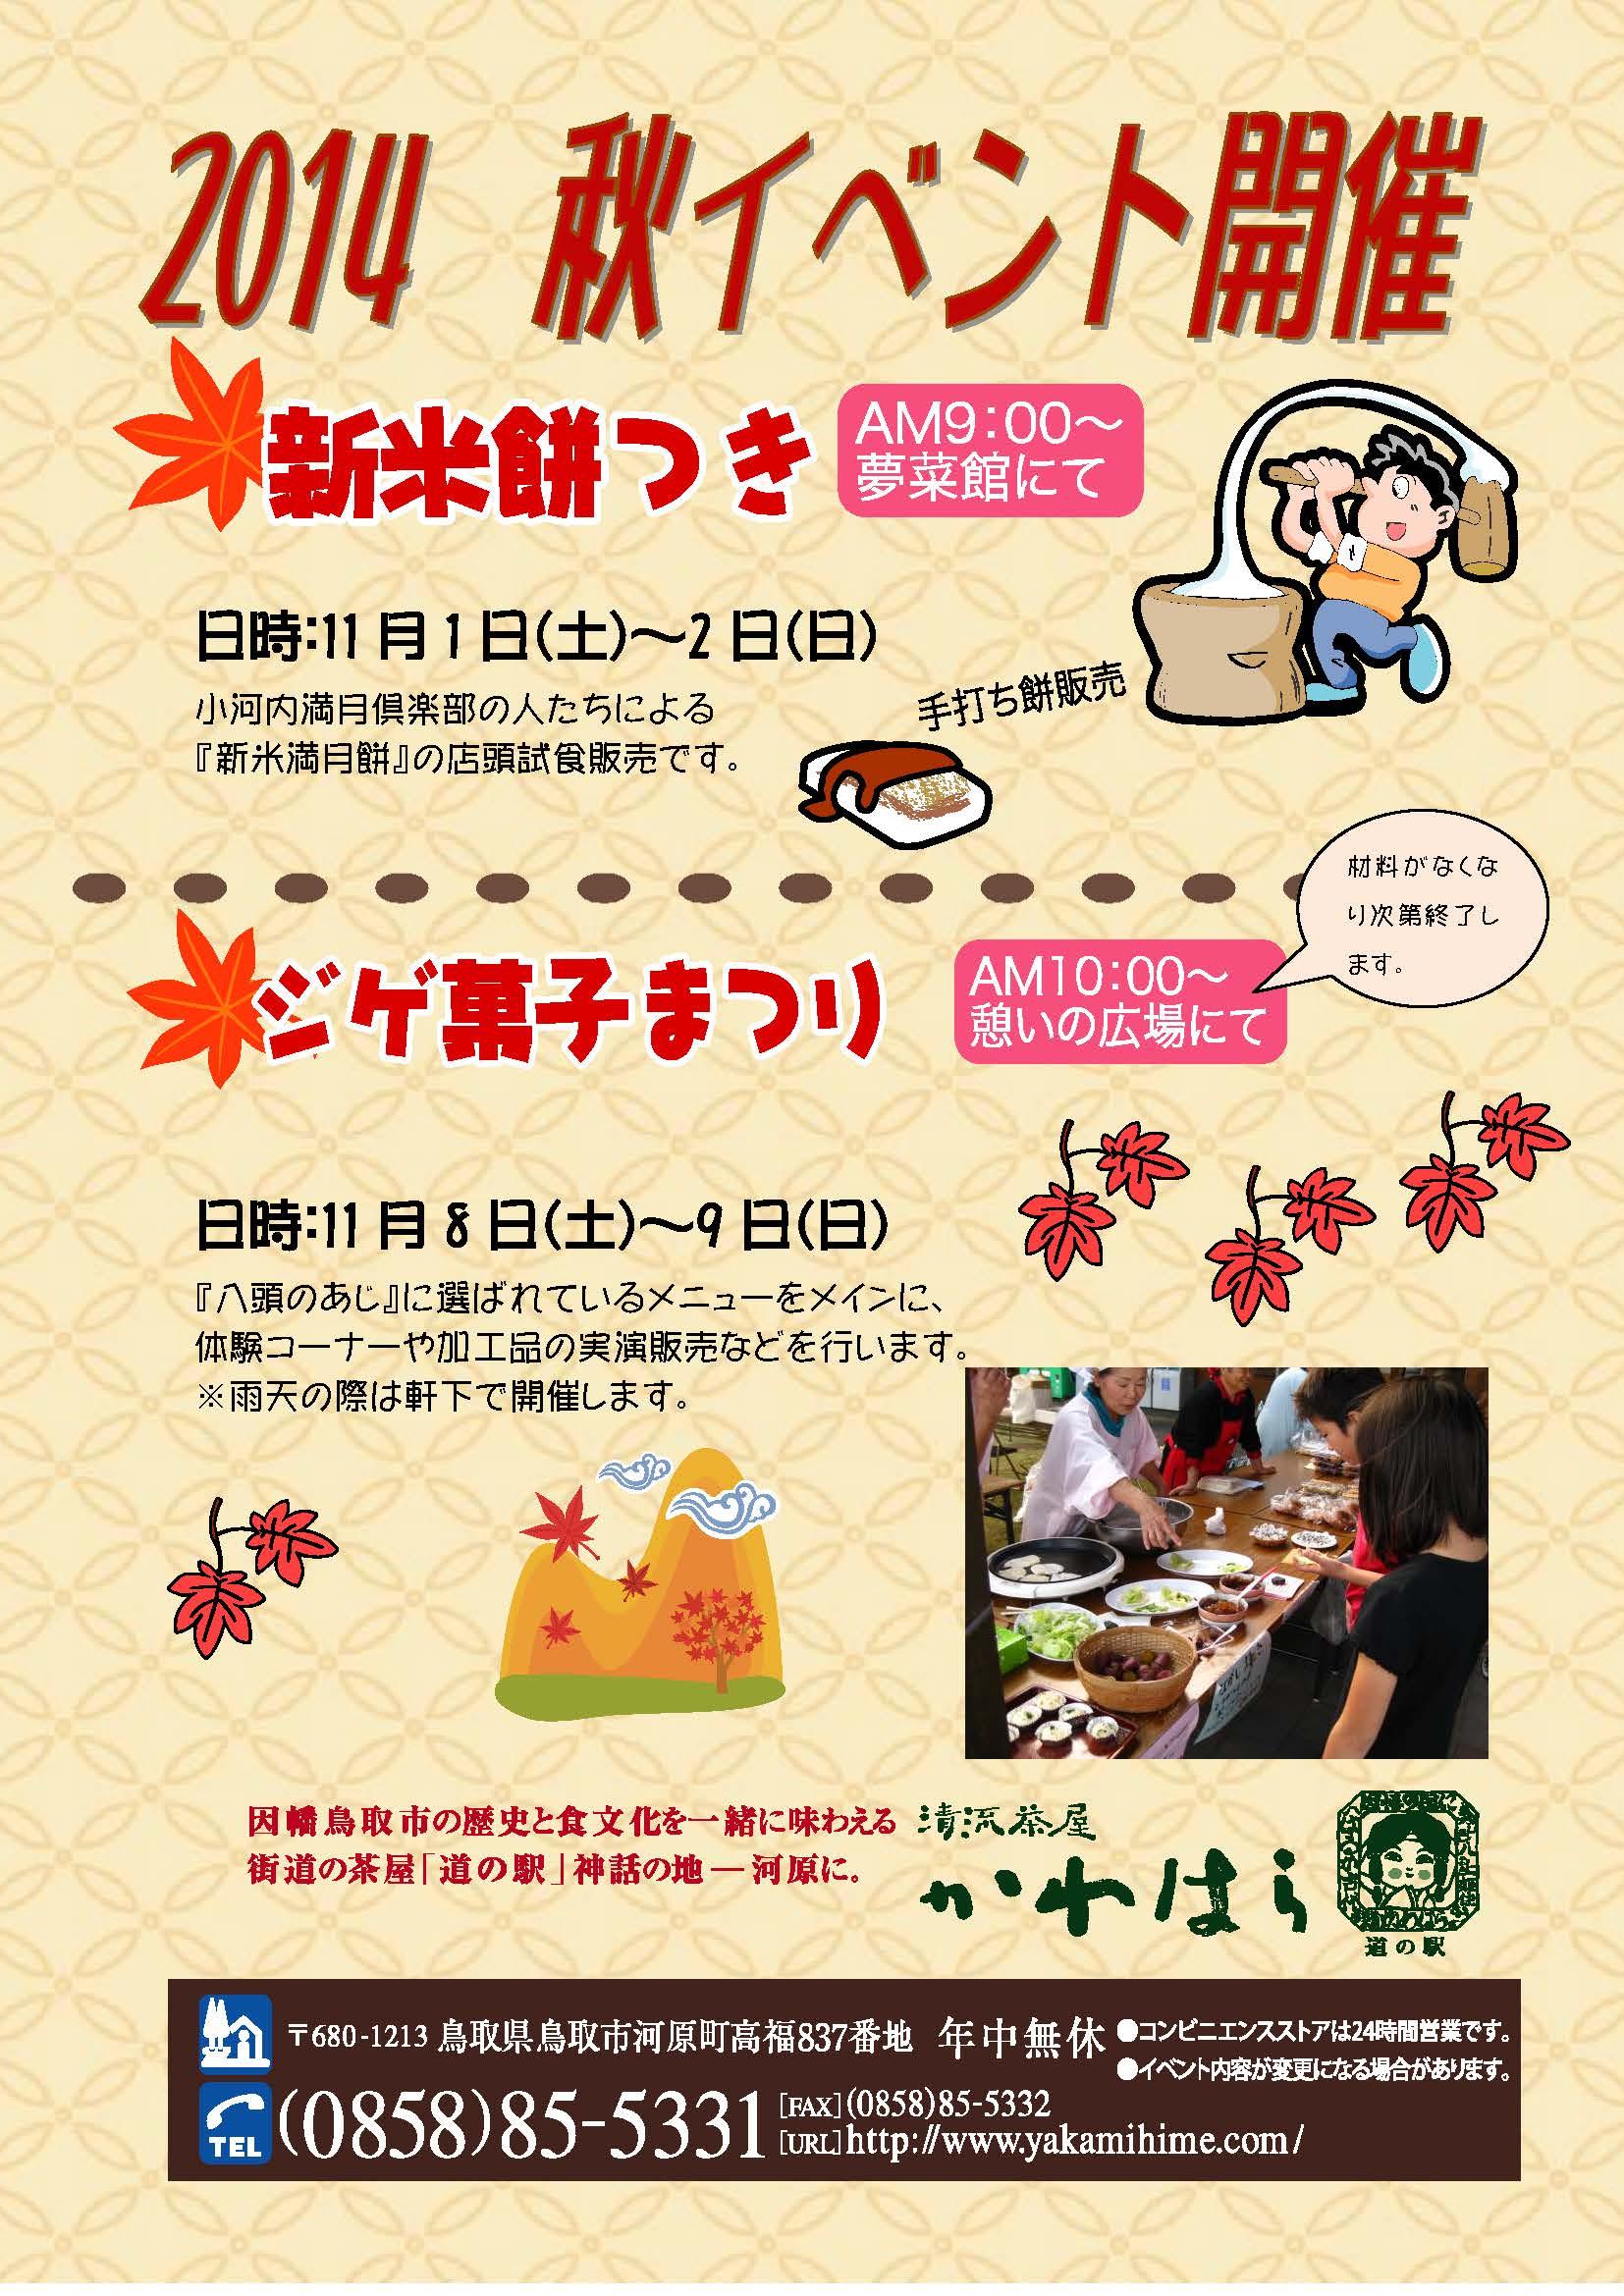 2014 秋イベント(餅つき・ジゲ菓子)